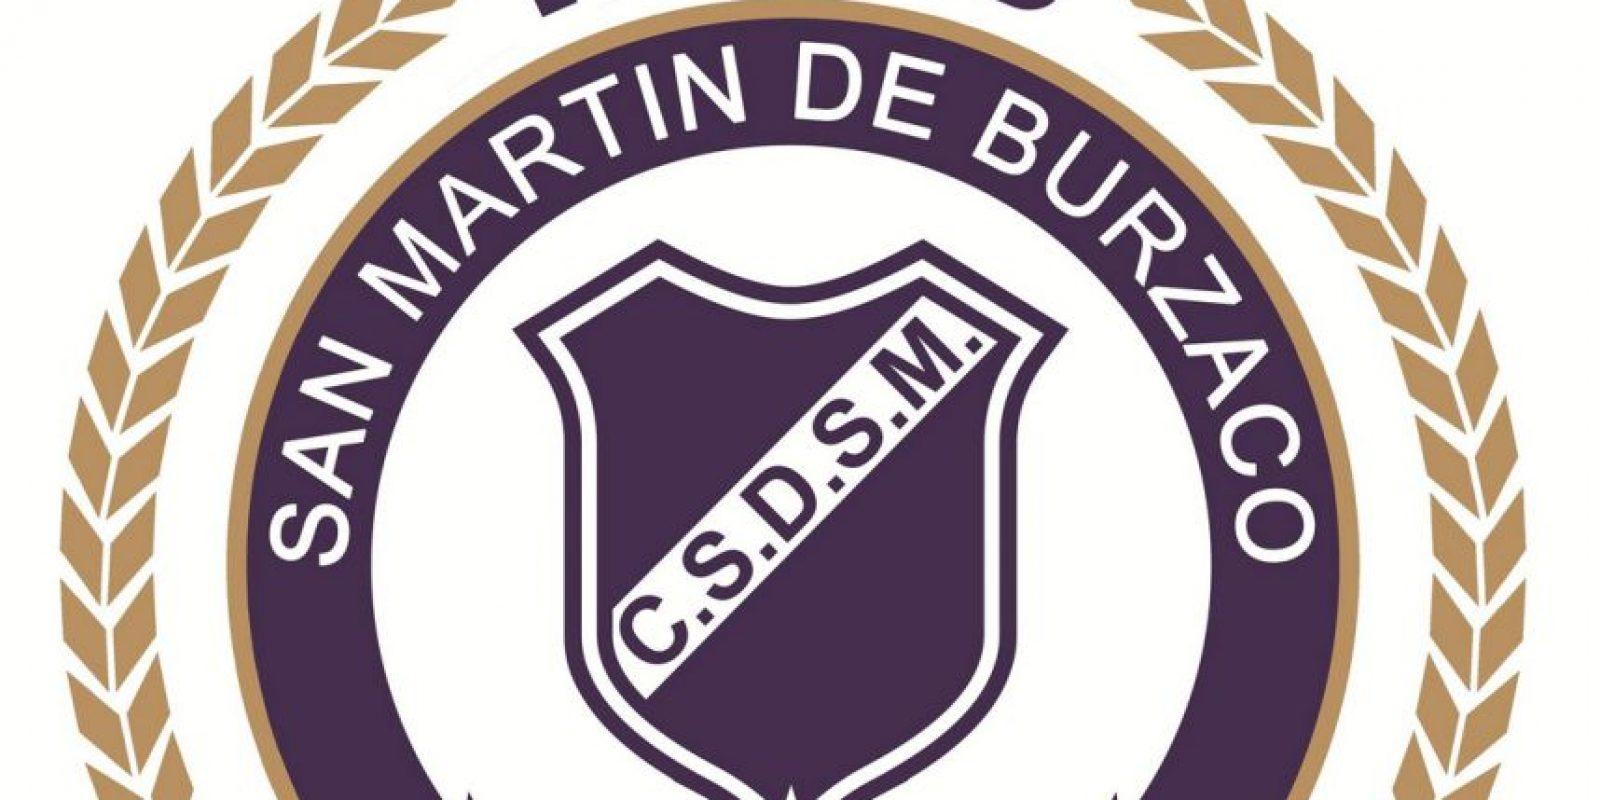 Jugaba en San Martín de Burzaco, de la Primera C de Argentina Foto:Vía www.facebook.com/sanmaoficial